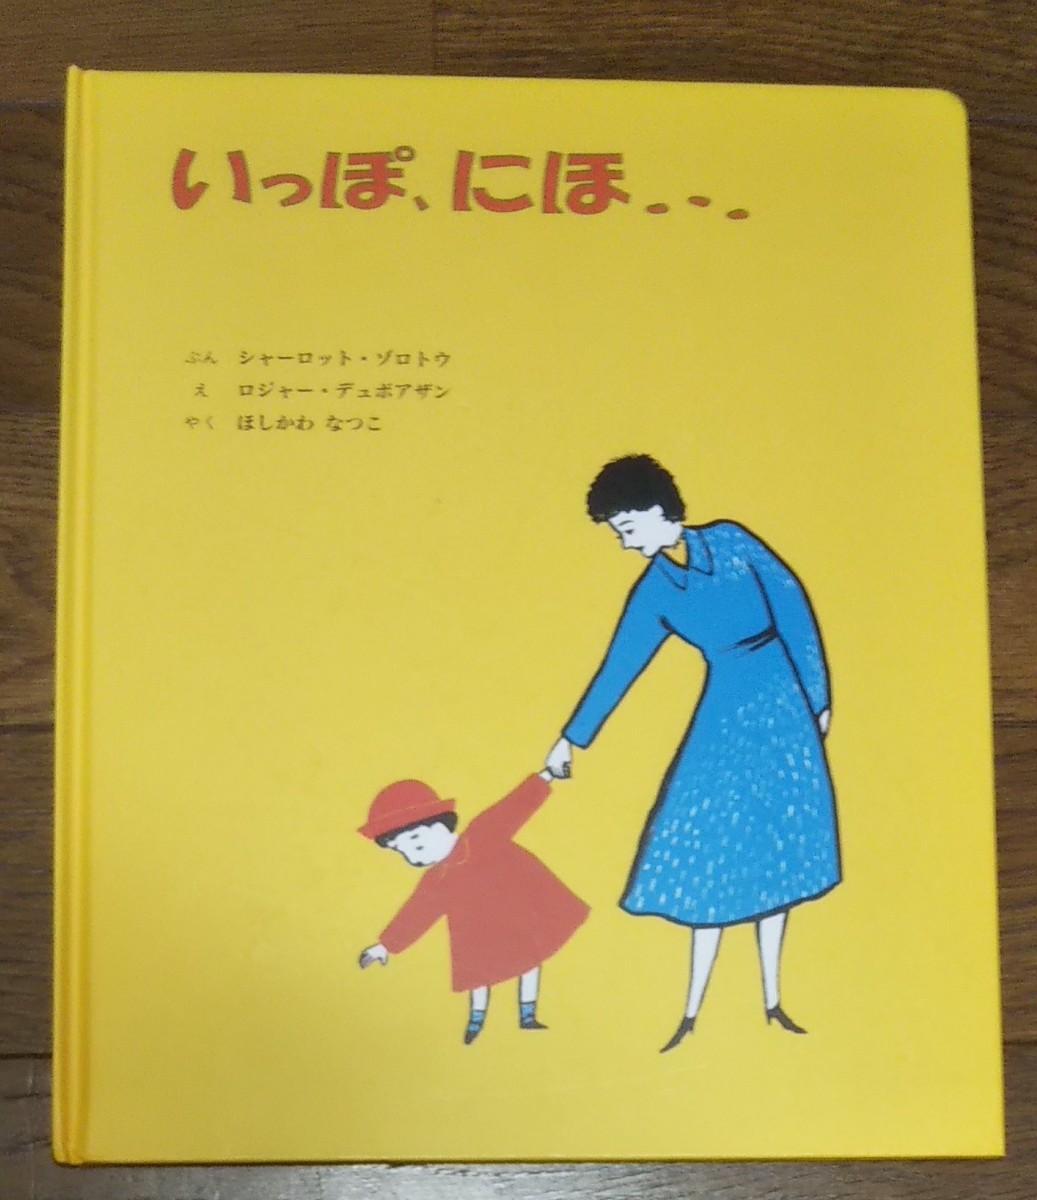 絵本 「いっぽ、にほ…」 ゾロトウ 童話館出版